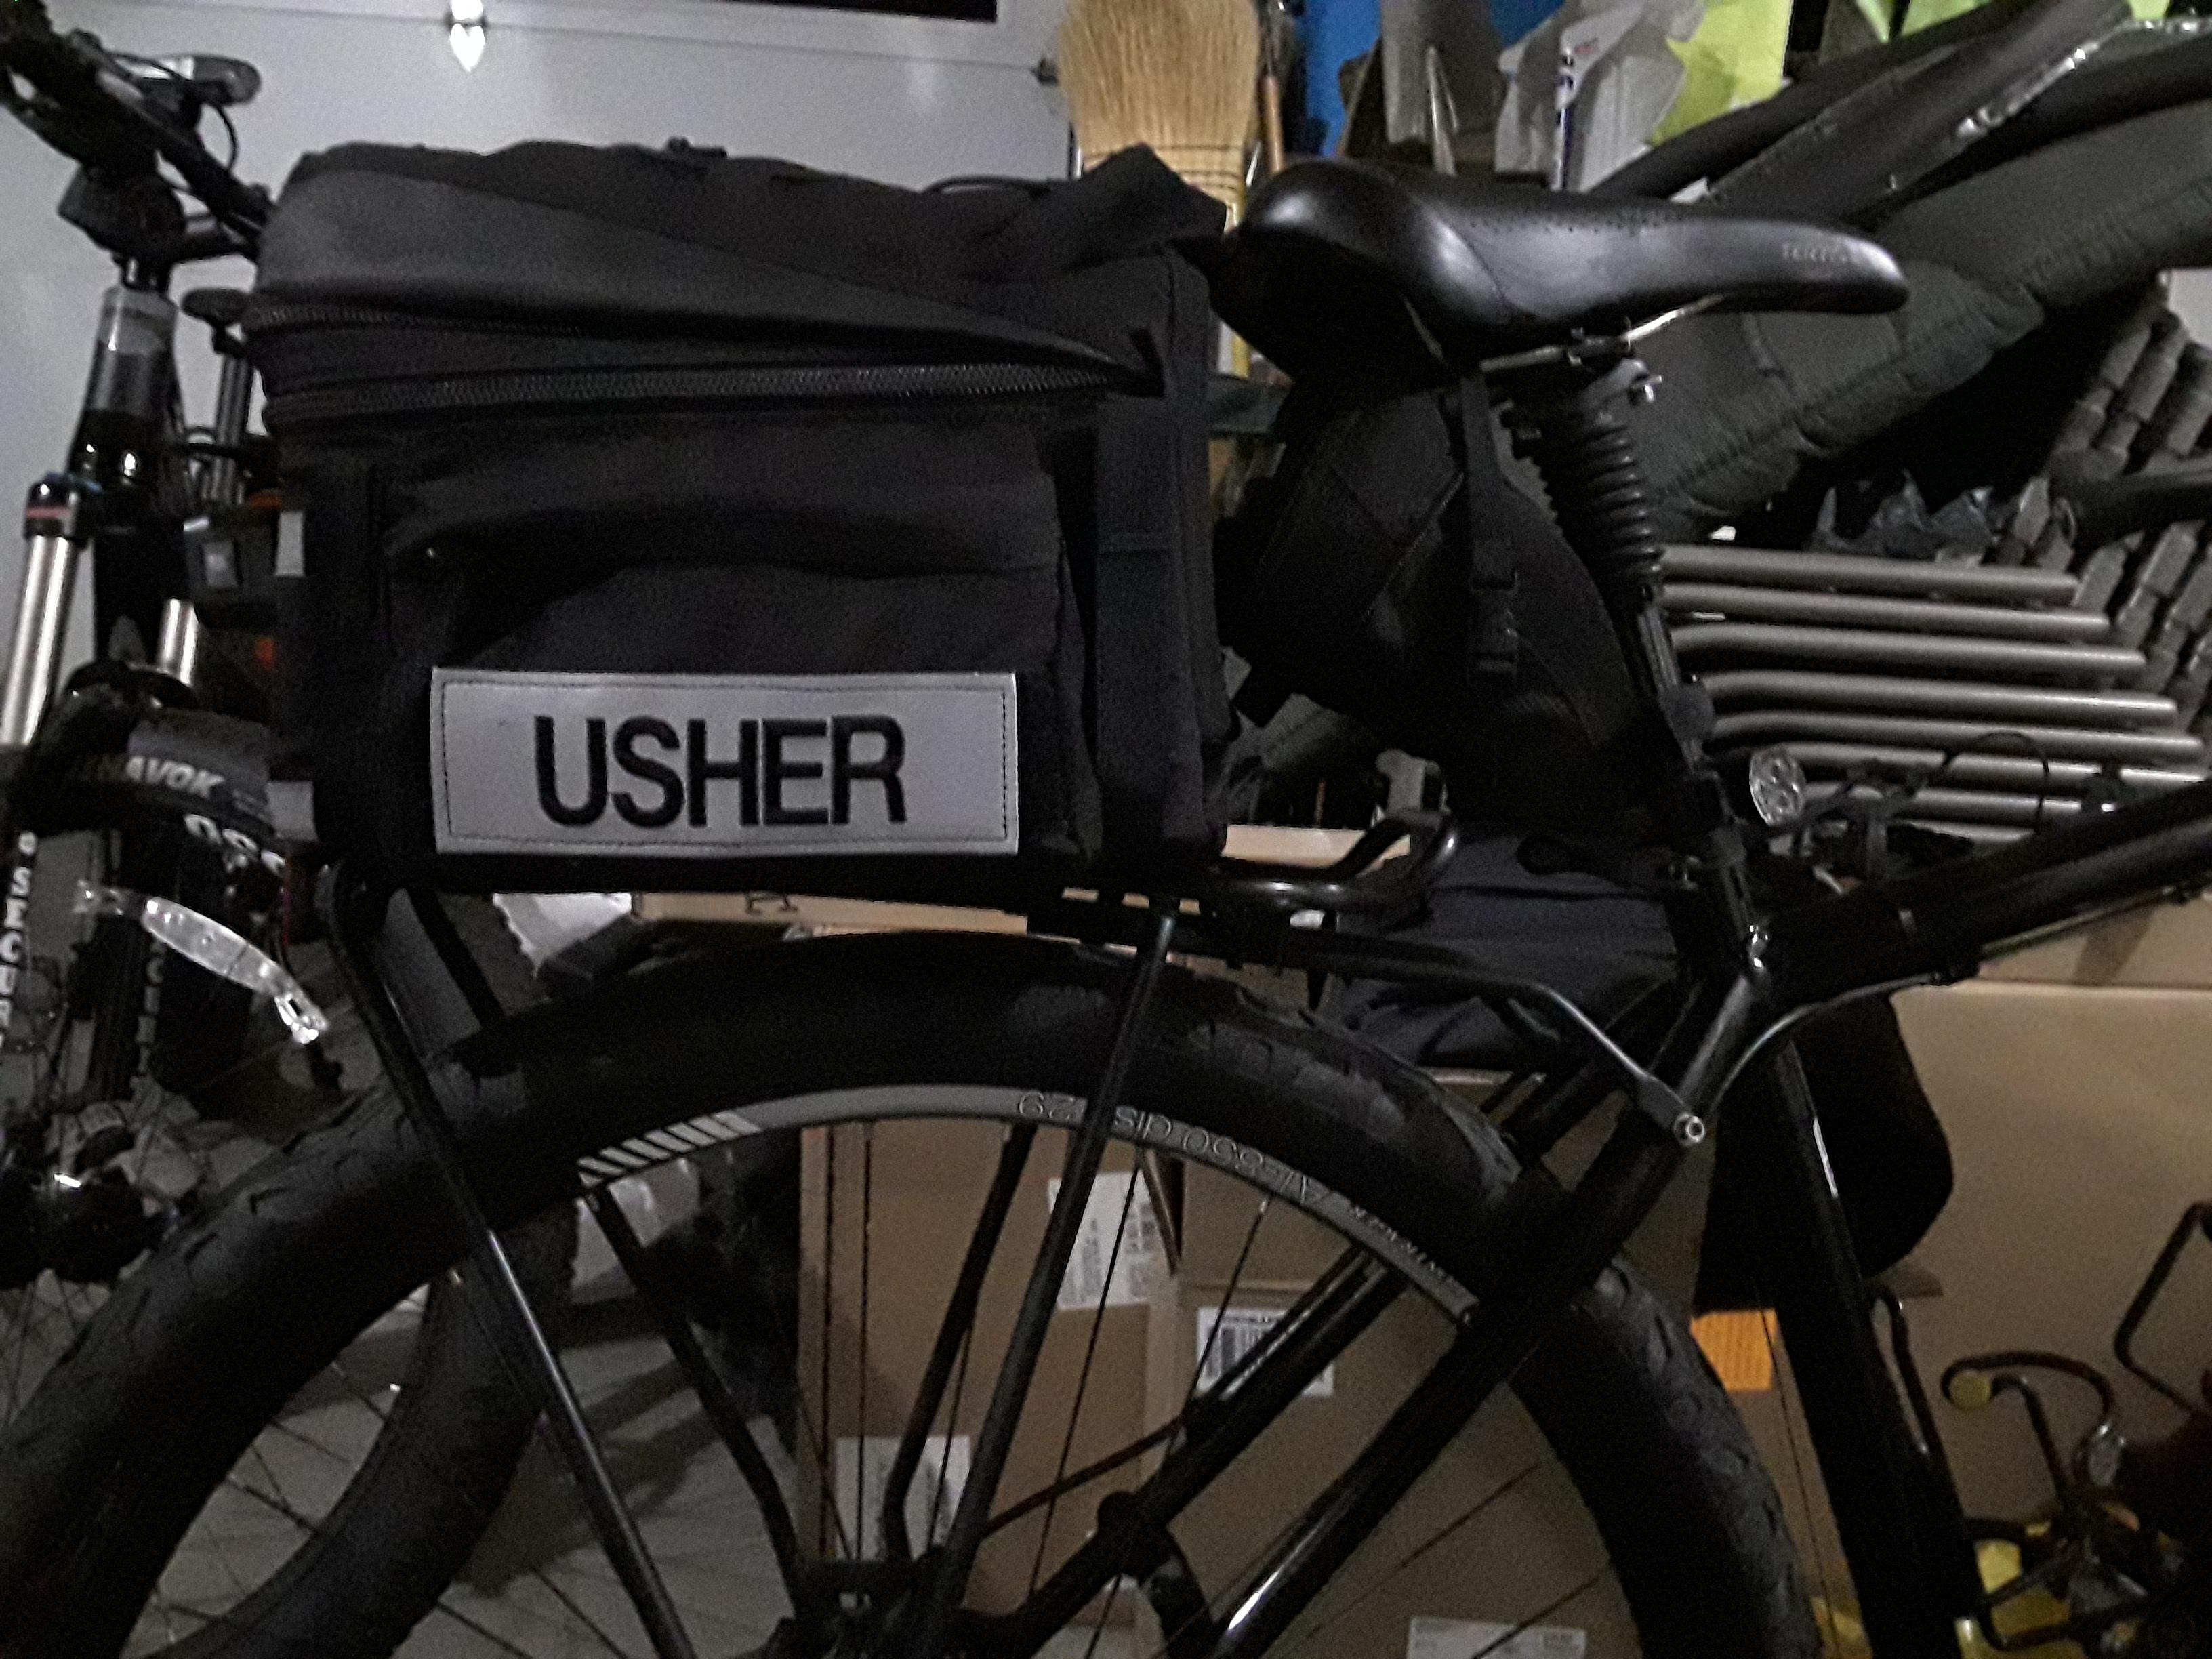 Bike Mounted Usher: A New Use for Bike Patrol